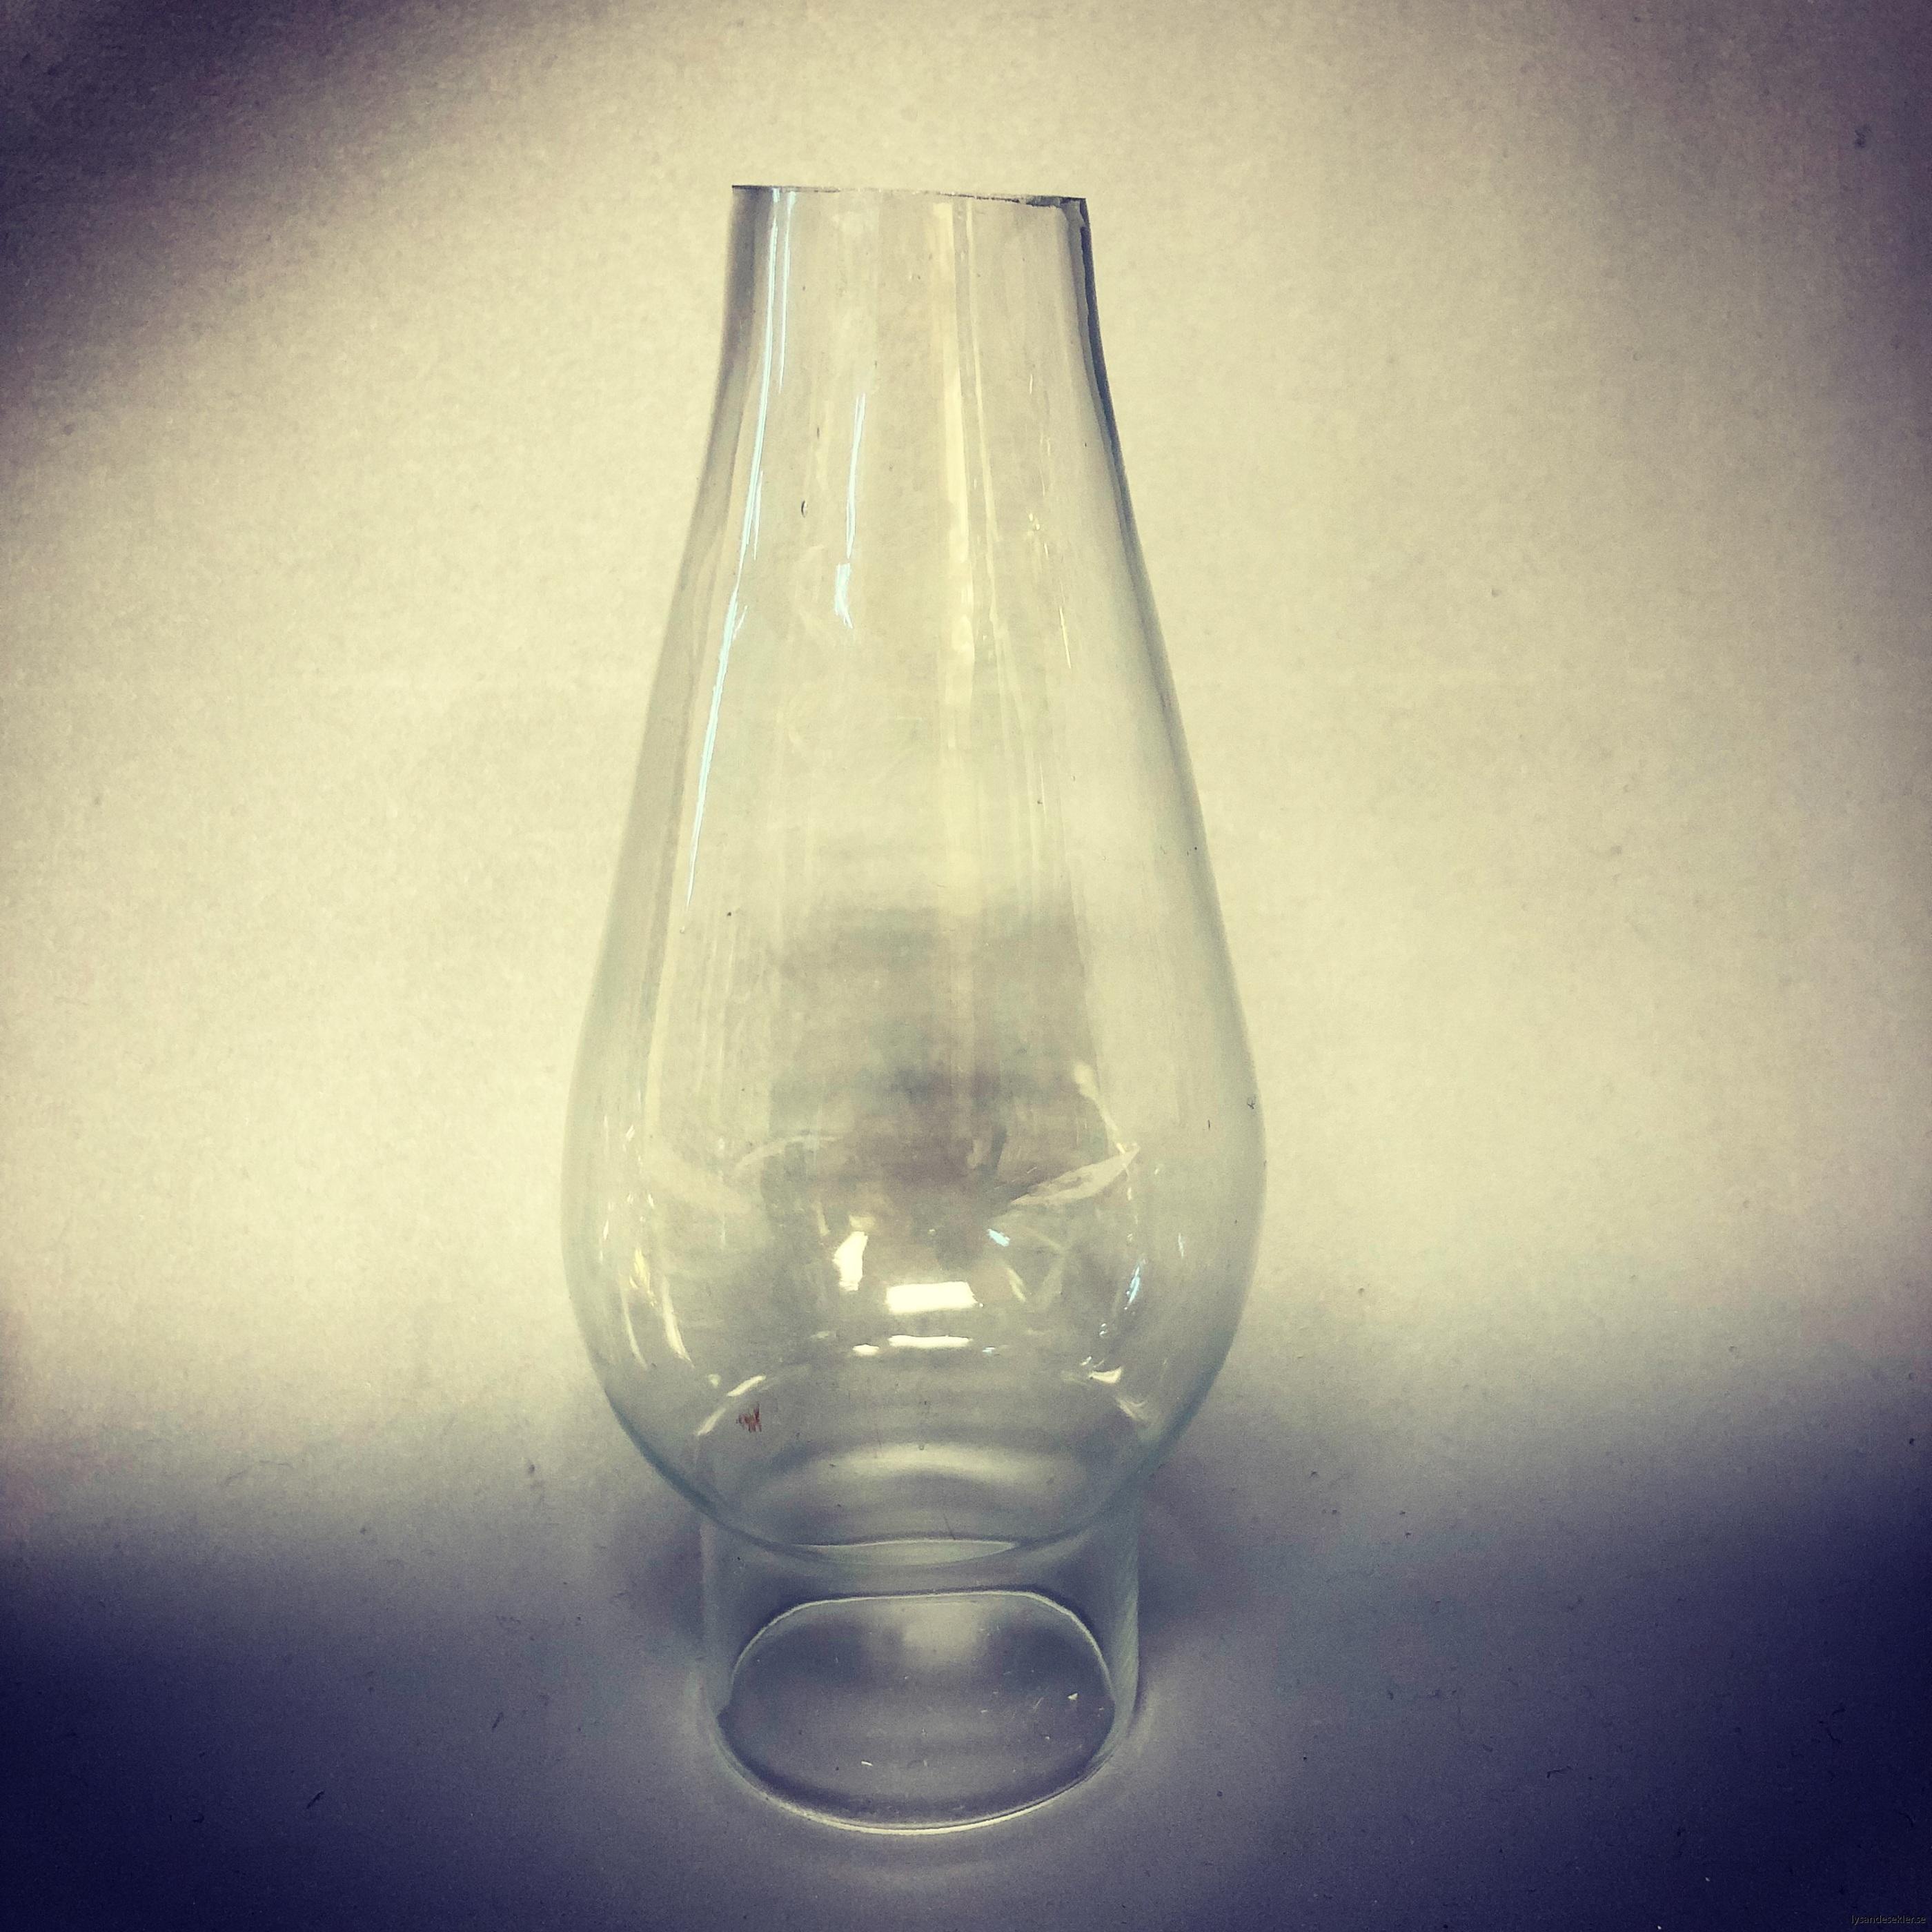 reservglas till strömshaga fotogenlampa